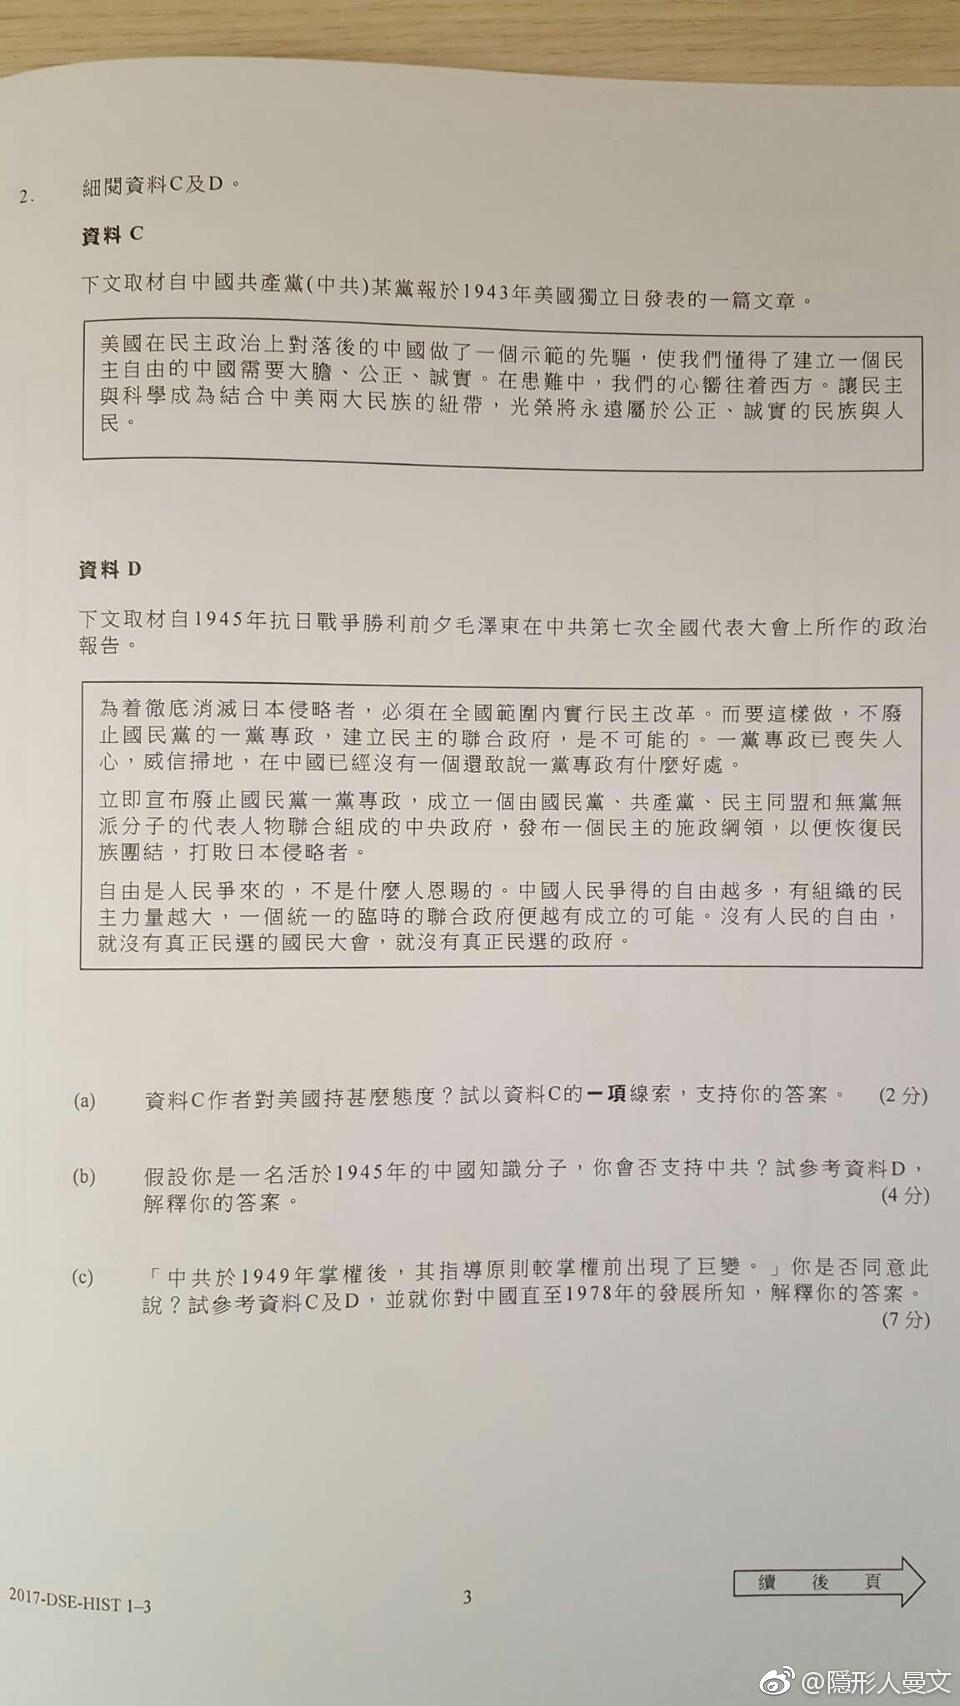 【立此存照】2017年香港中学文凭考试历史科试题